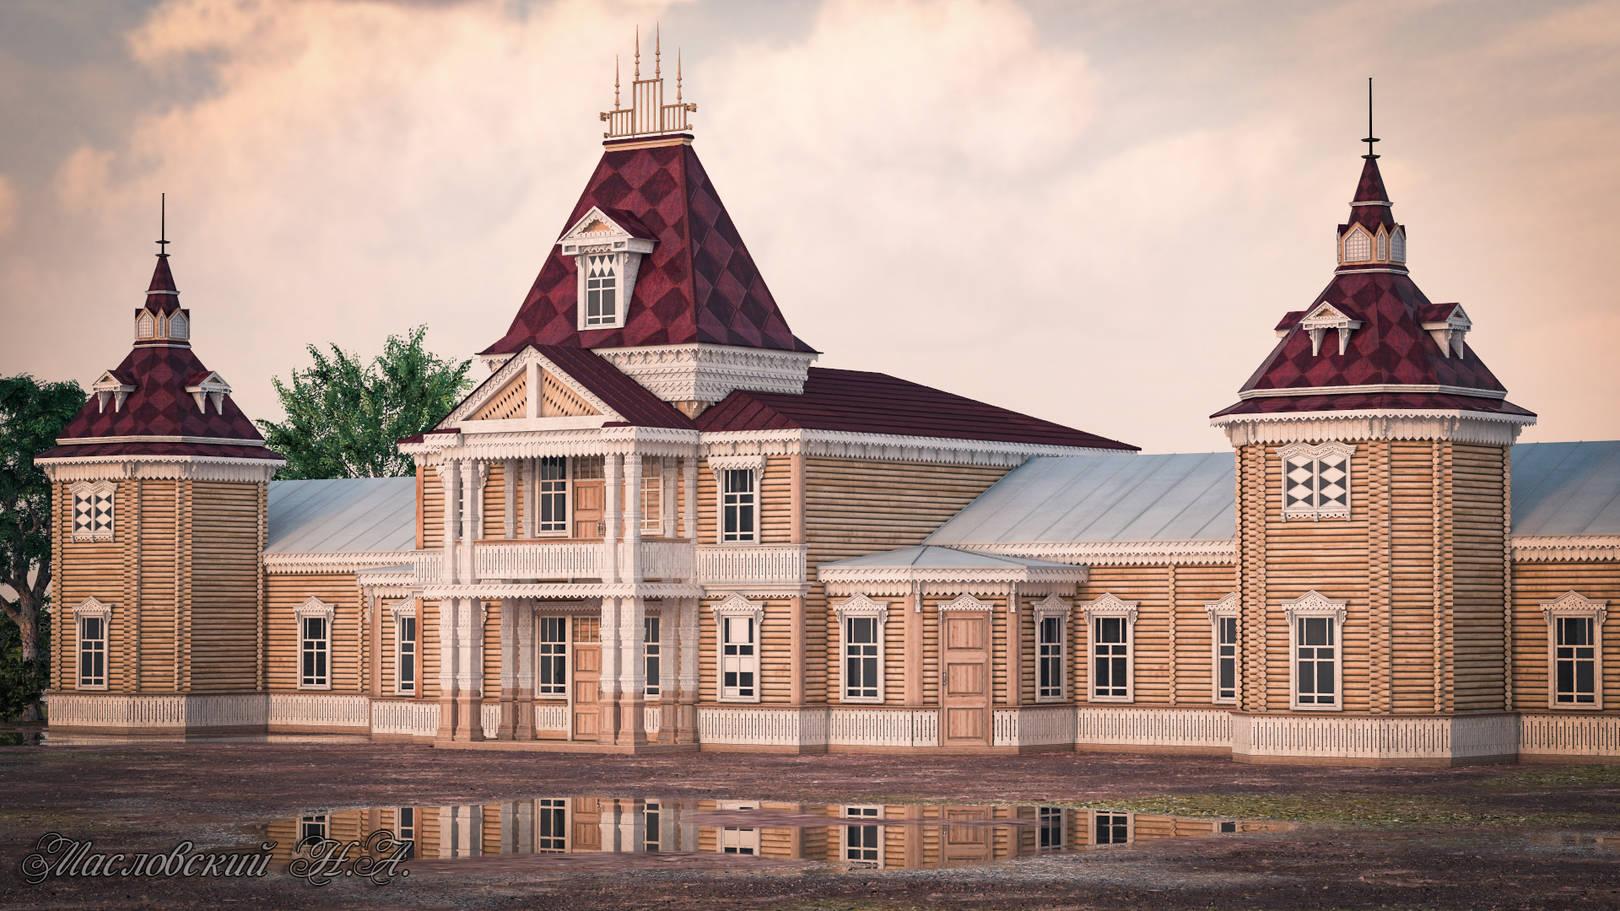 """Тобольский театр """"Теремок"""" вид1 (утраченное строение) воссоздал по фотографиям."""